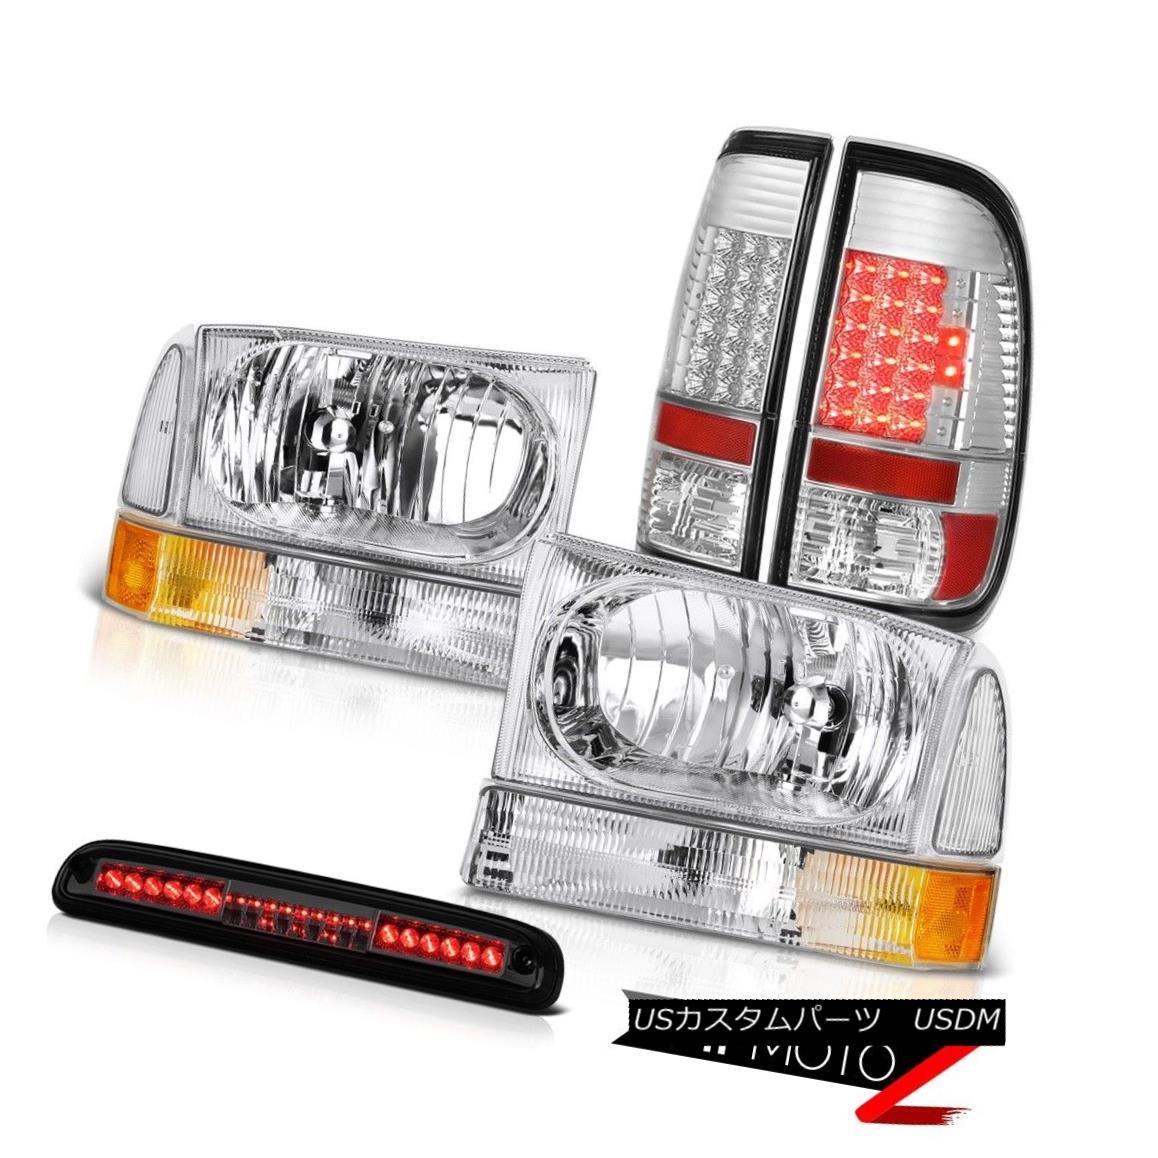 ヘッドライト 99 00 01 02 03 04 Ford SuperDuty Clear Headlights LED Taillamps Chrome 3rd Cargo 99 00 01 02 03 04フォードSuperDutyクリアヘッドライトLEDタイルランプChrome 3rd Cargo